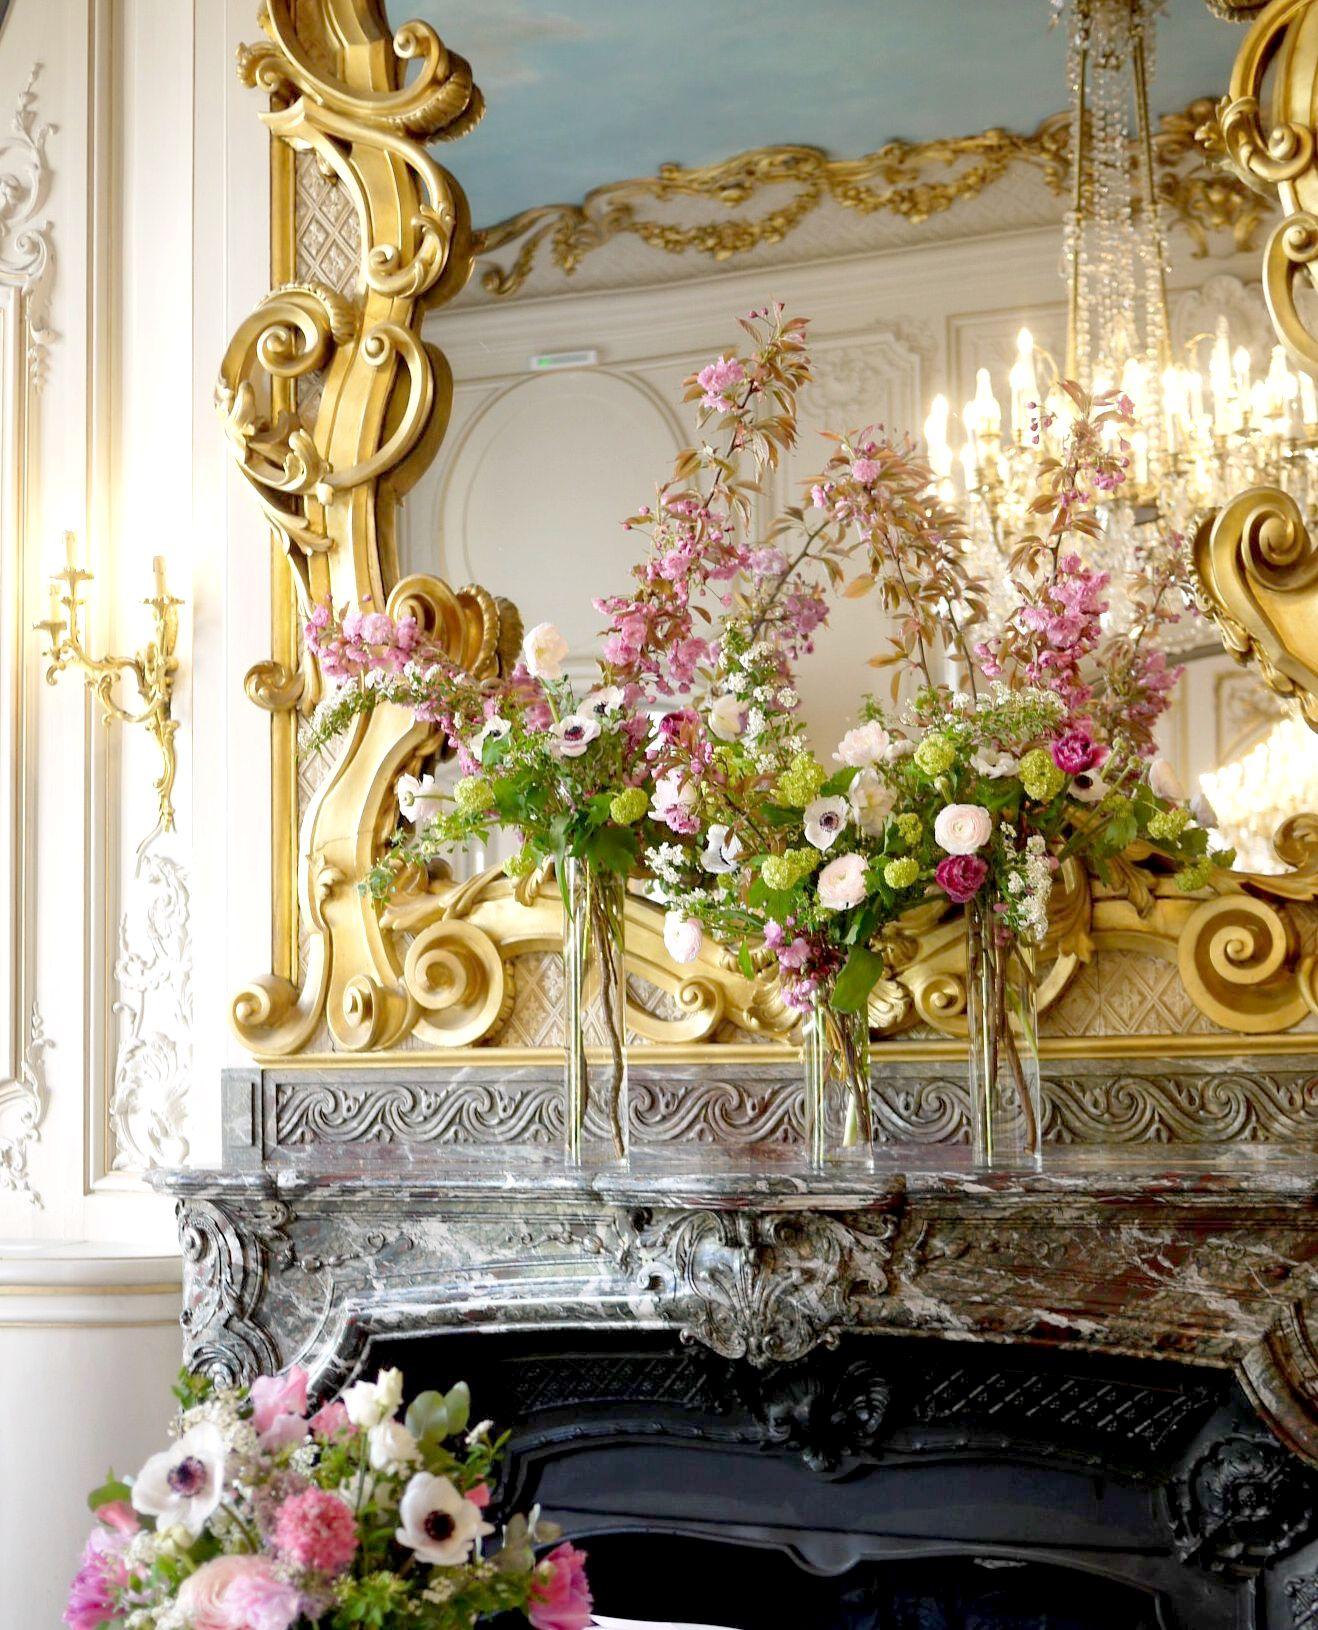 anémone, renoncule, spirée, pois de senteur, tulipe, scabieuse, viburnum, cerisier,